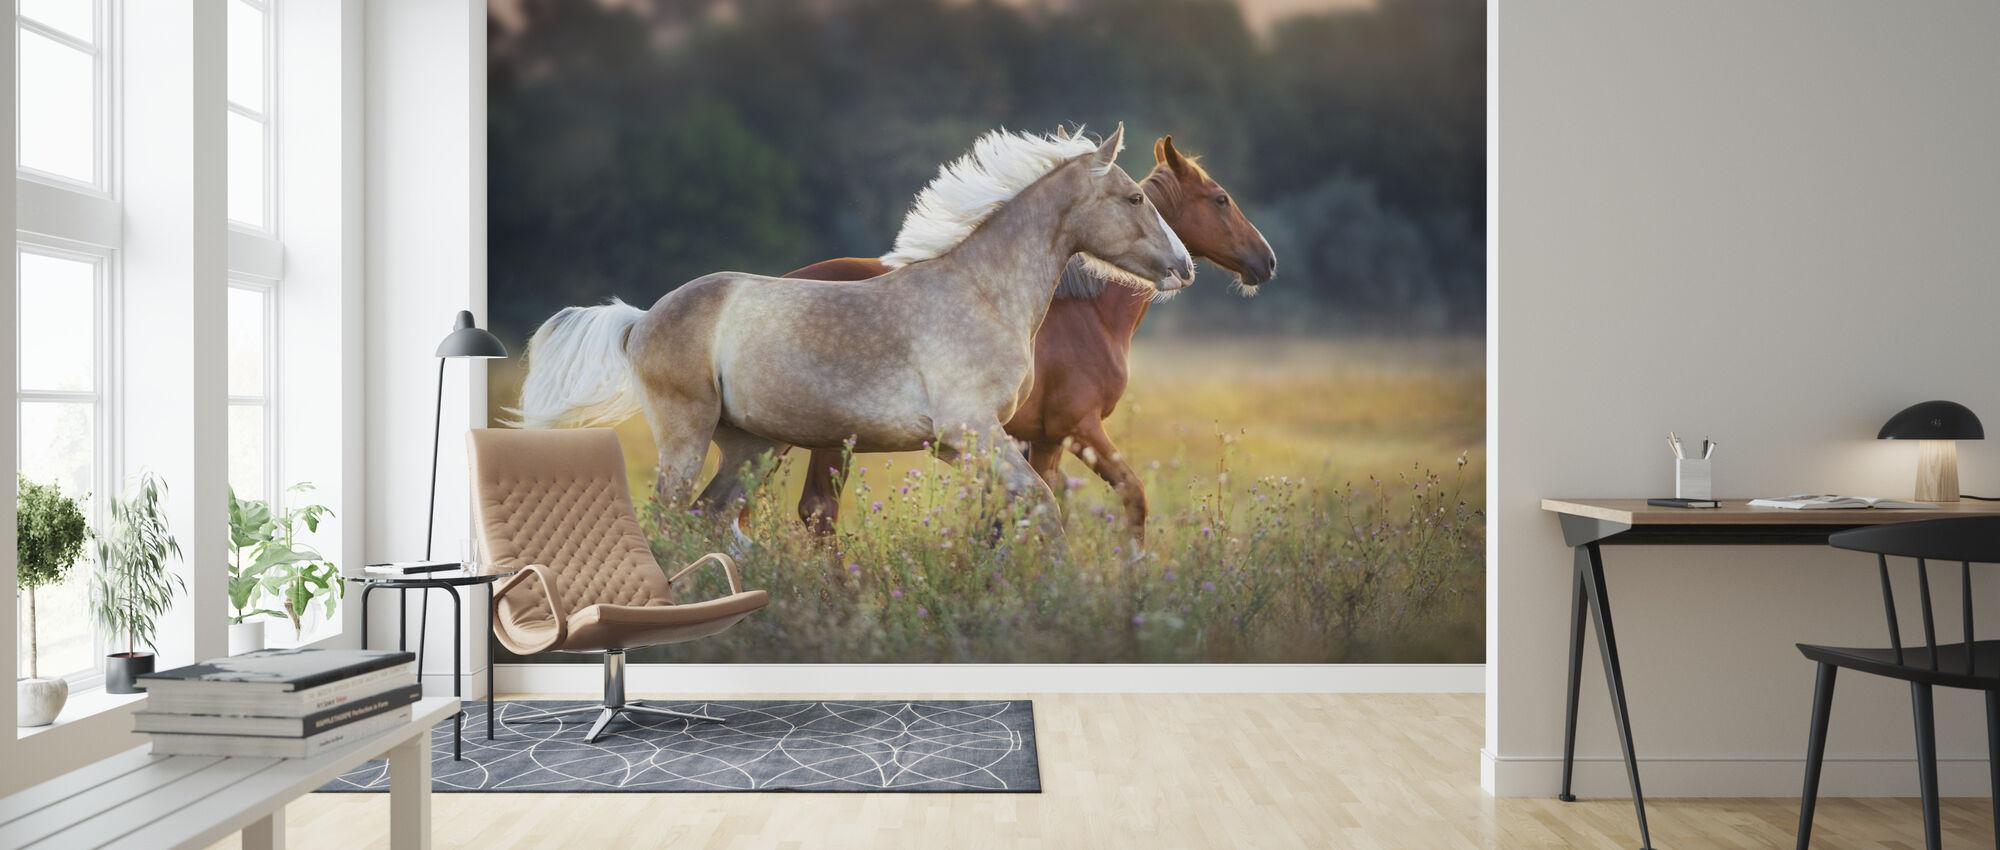 Kerma ja punainen hevonen - Tapetti - Olohuone